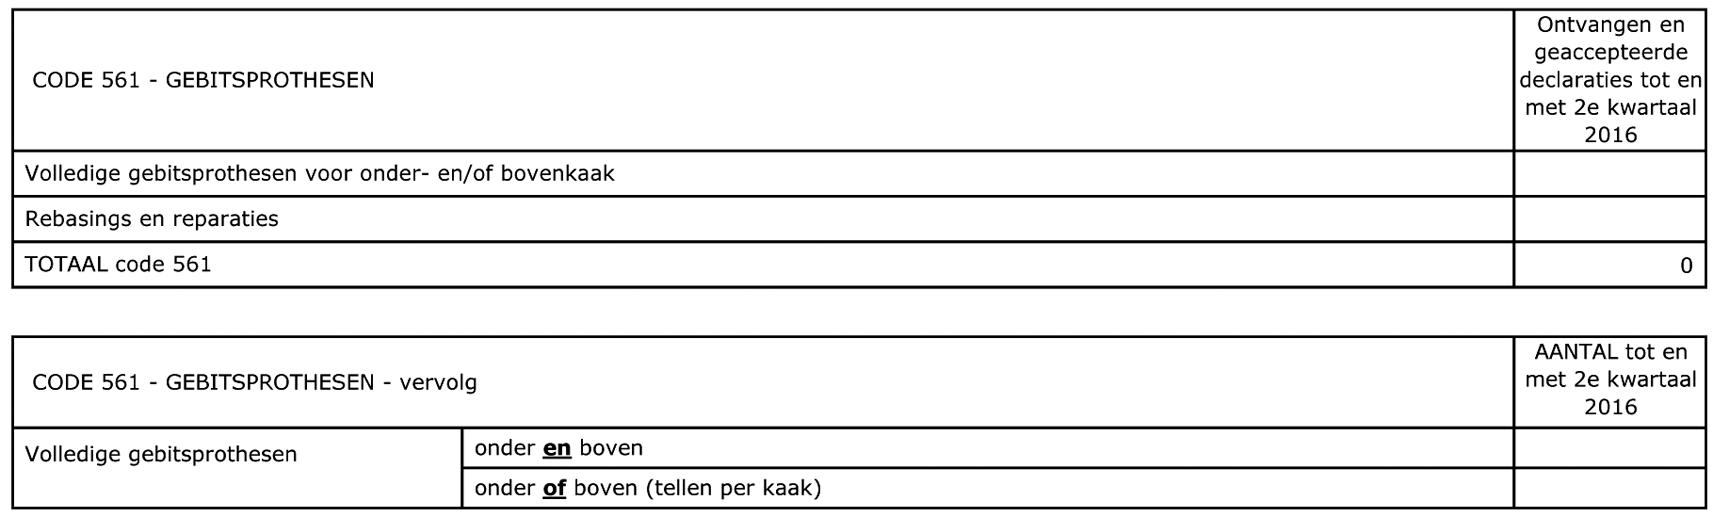 besluit zorgverzekering 2016